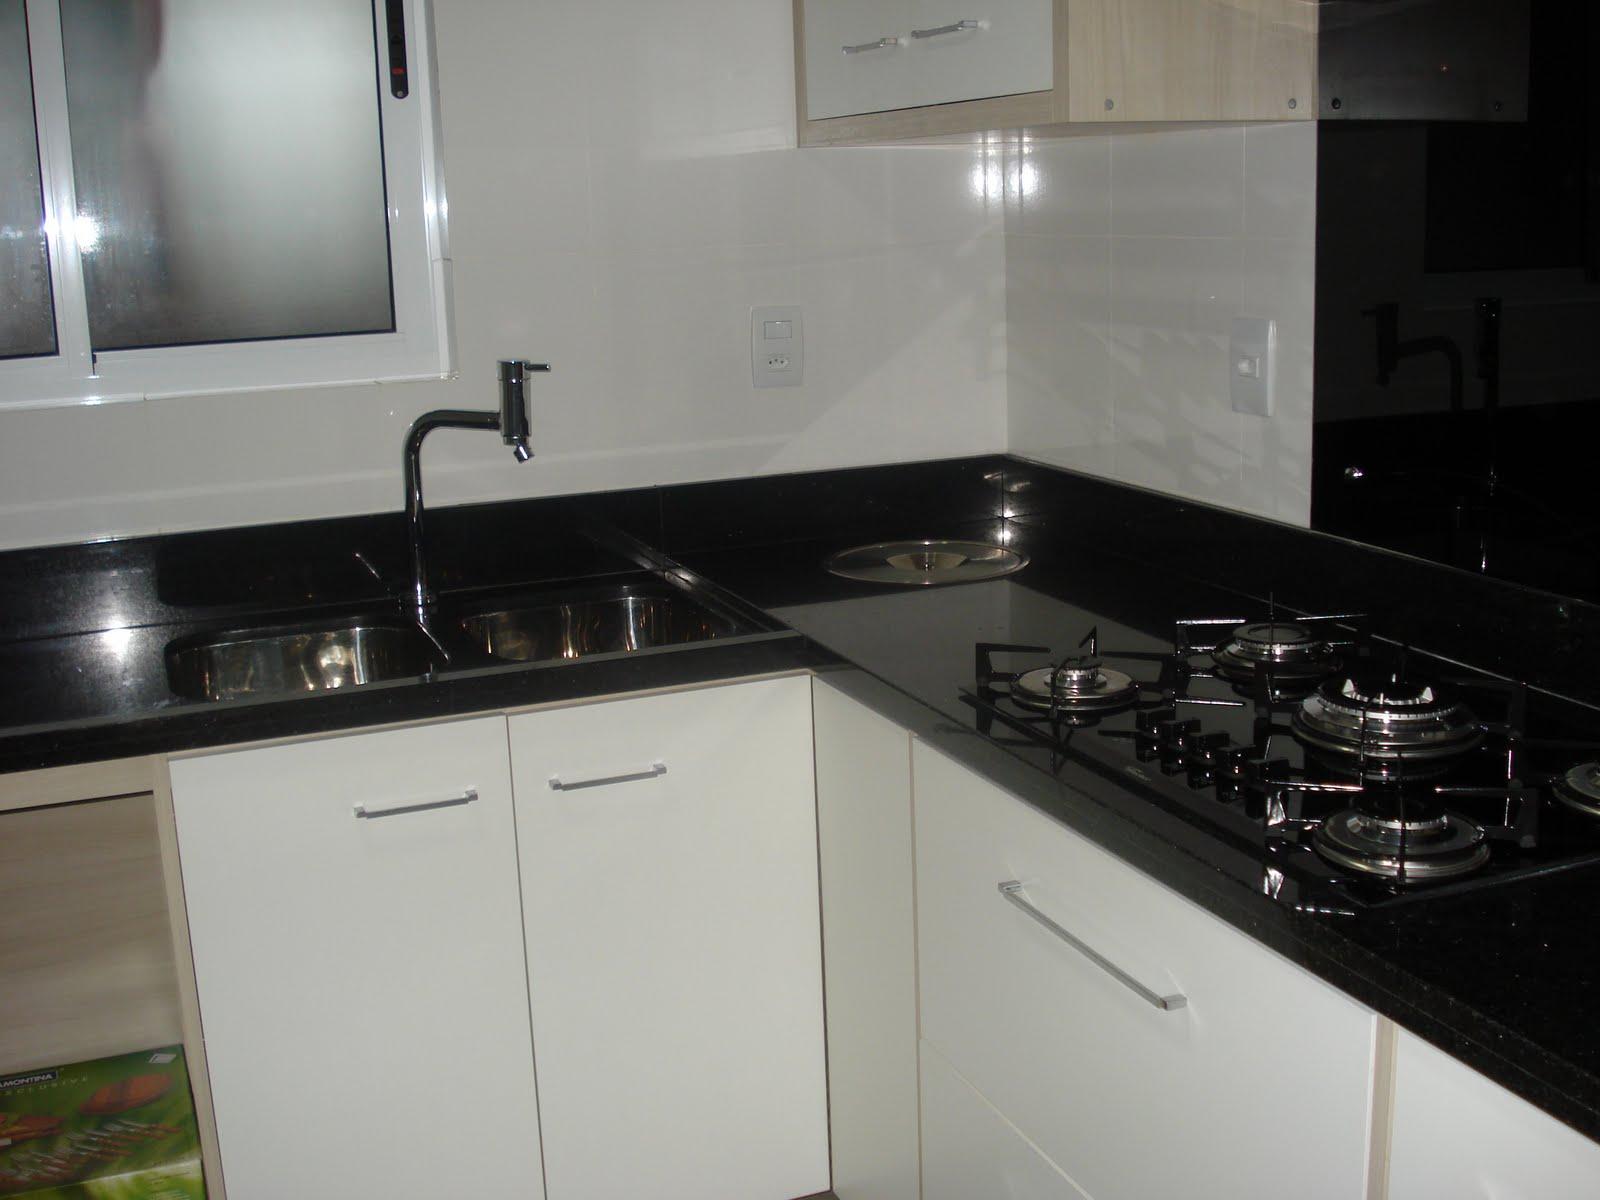 Wibampcom  Pia De Cozinha Revit ~ Idéias do Projeto da Cozinha para a Inspi -> Pia Banheiro Revit